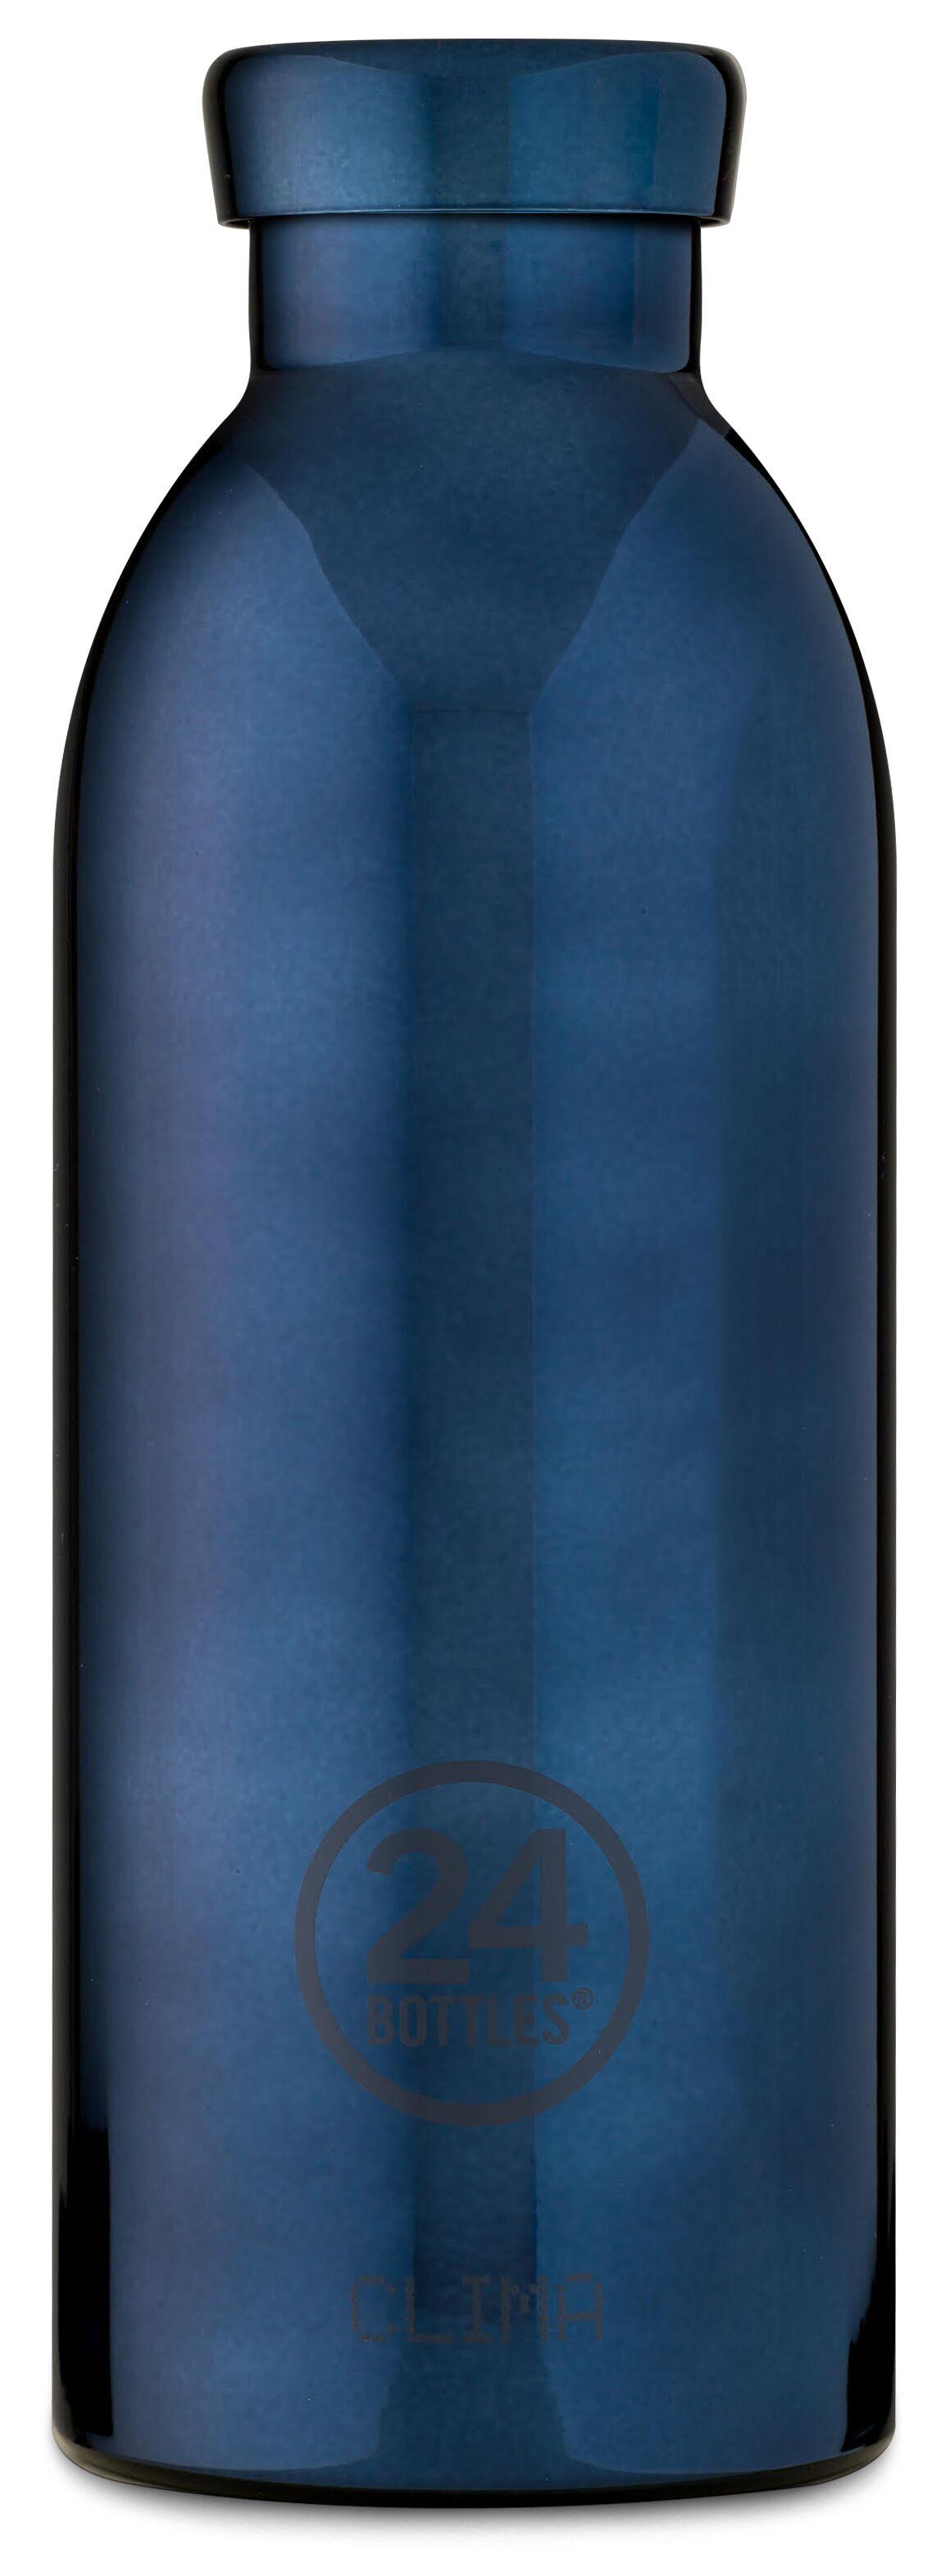 Bilde av 24 Bottles - Clima Bottle 0,5 L - Black Radiance (24b163)